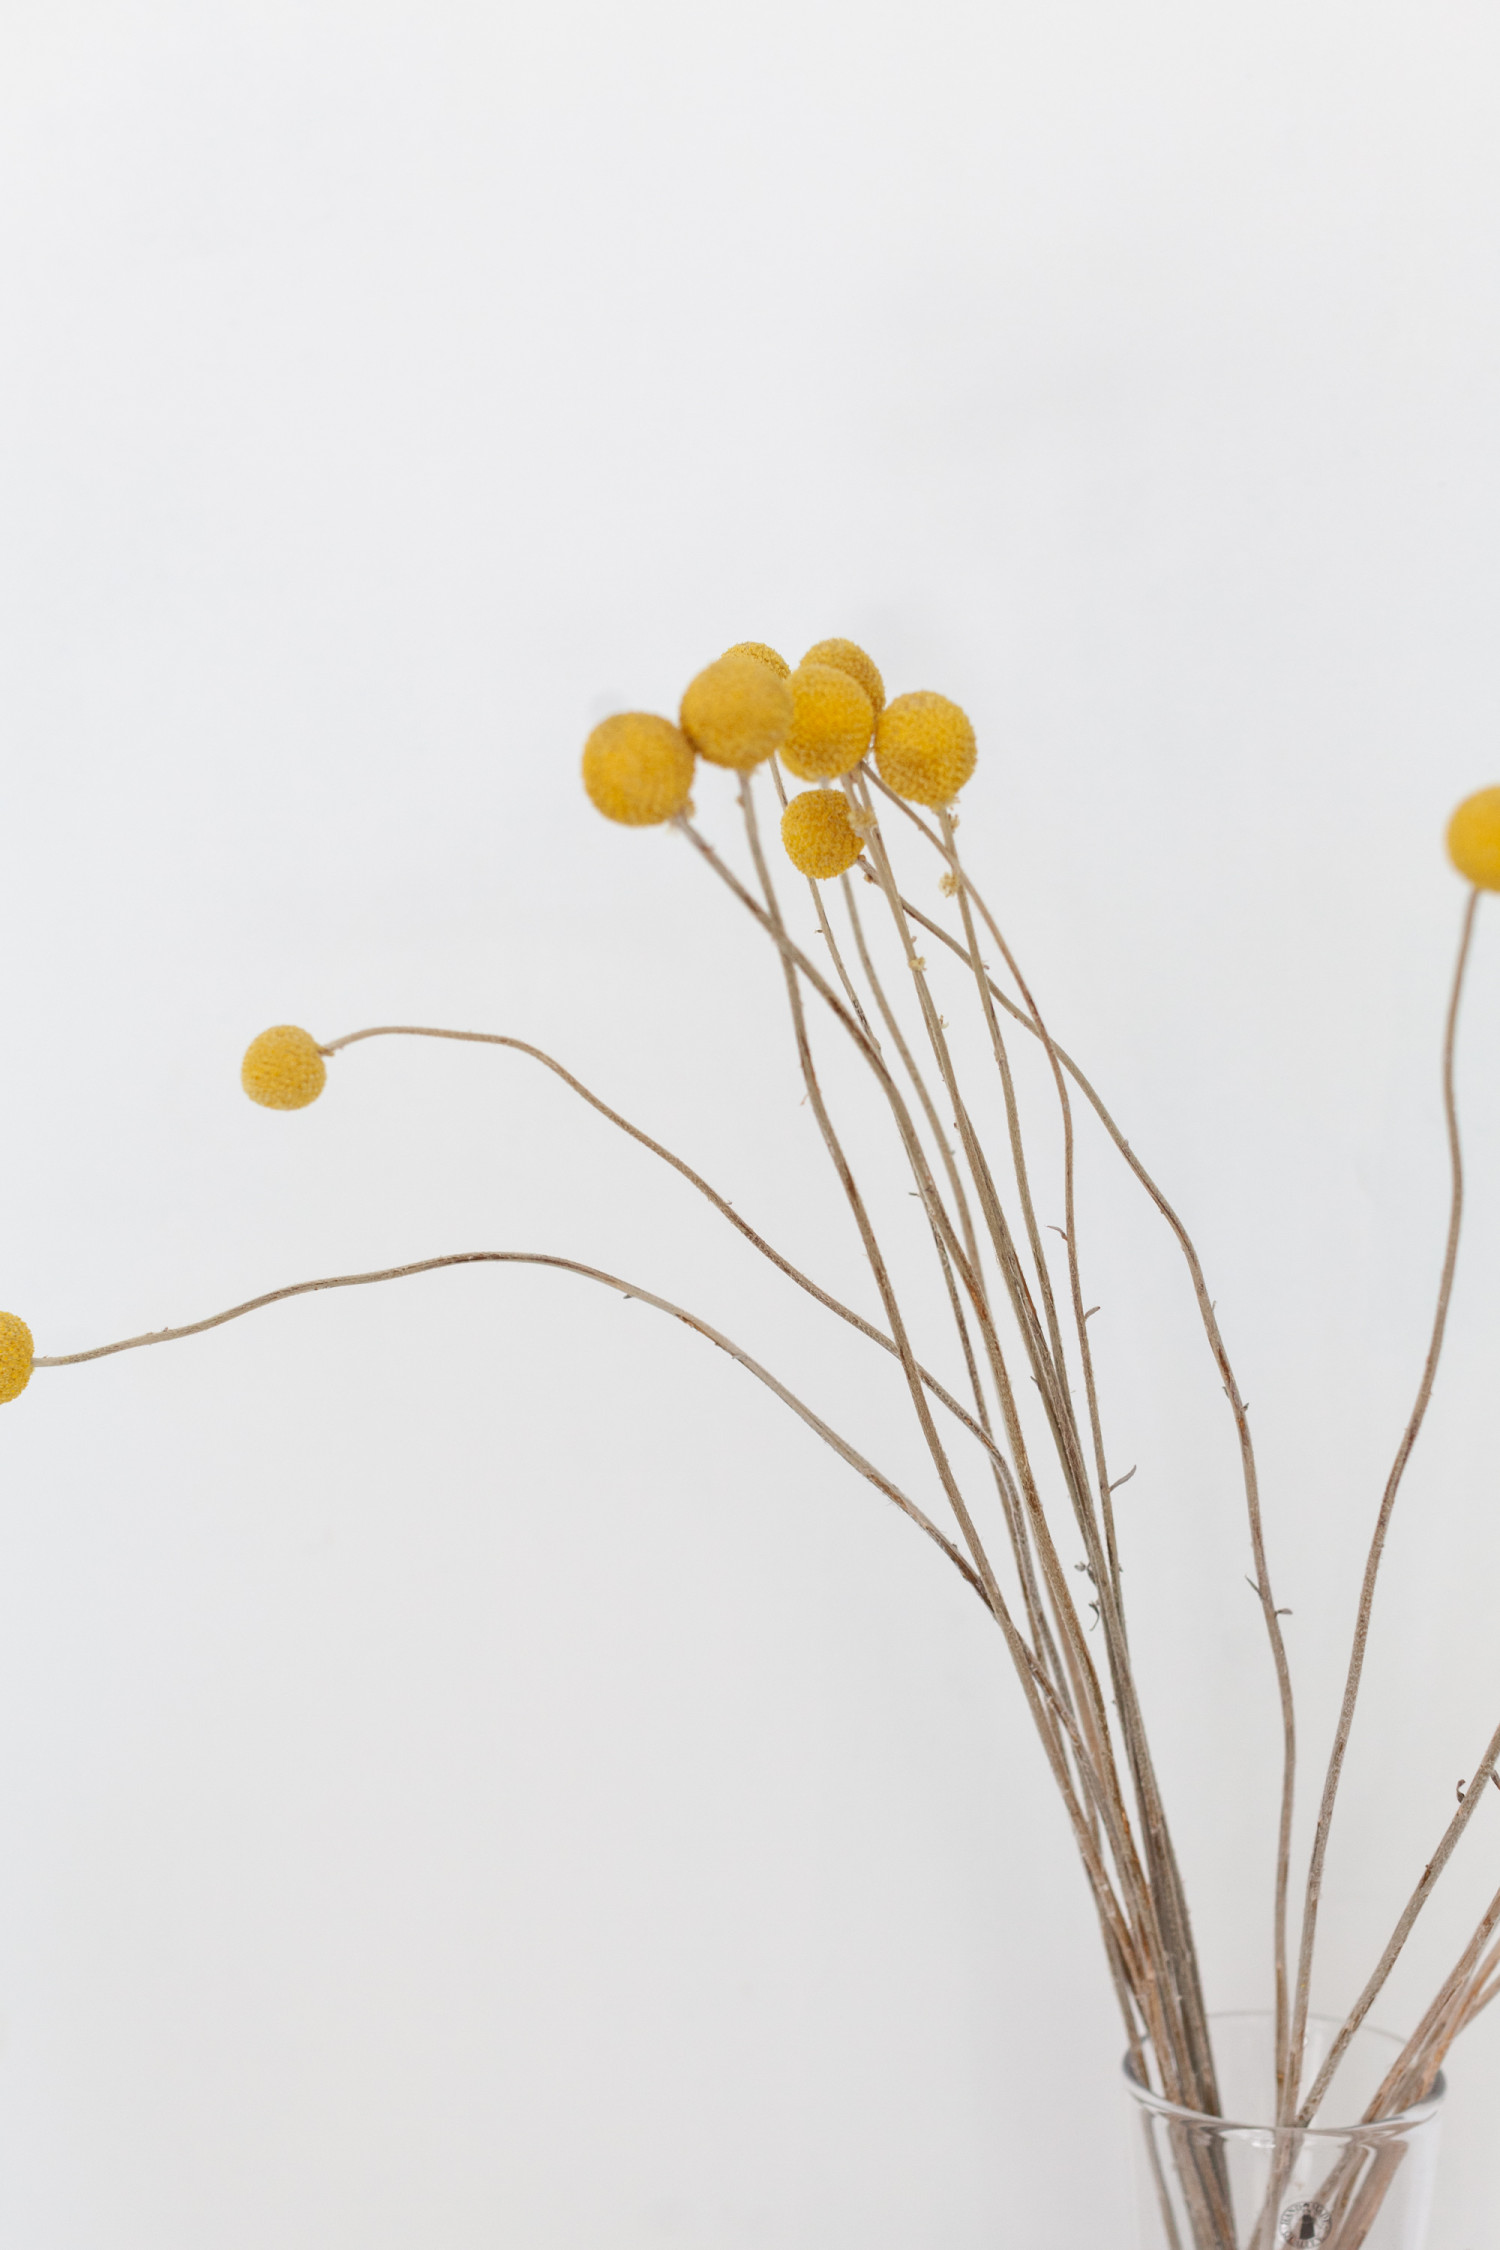 Краспедия – одно из любимых растений, оно сухое и красивое, стоит уже второй год.